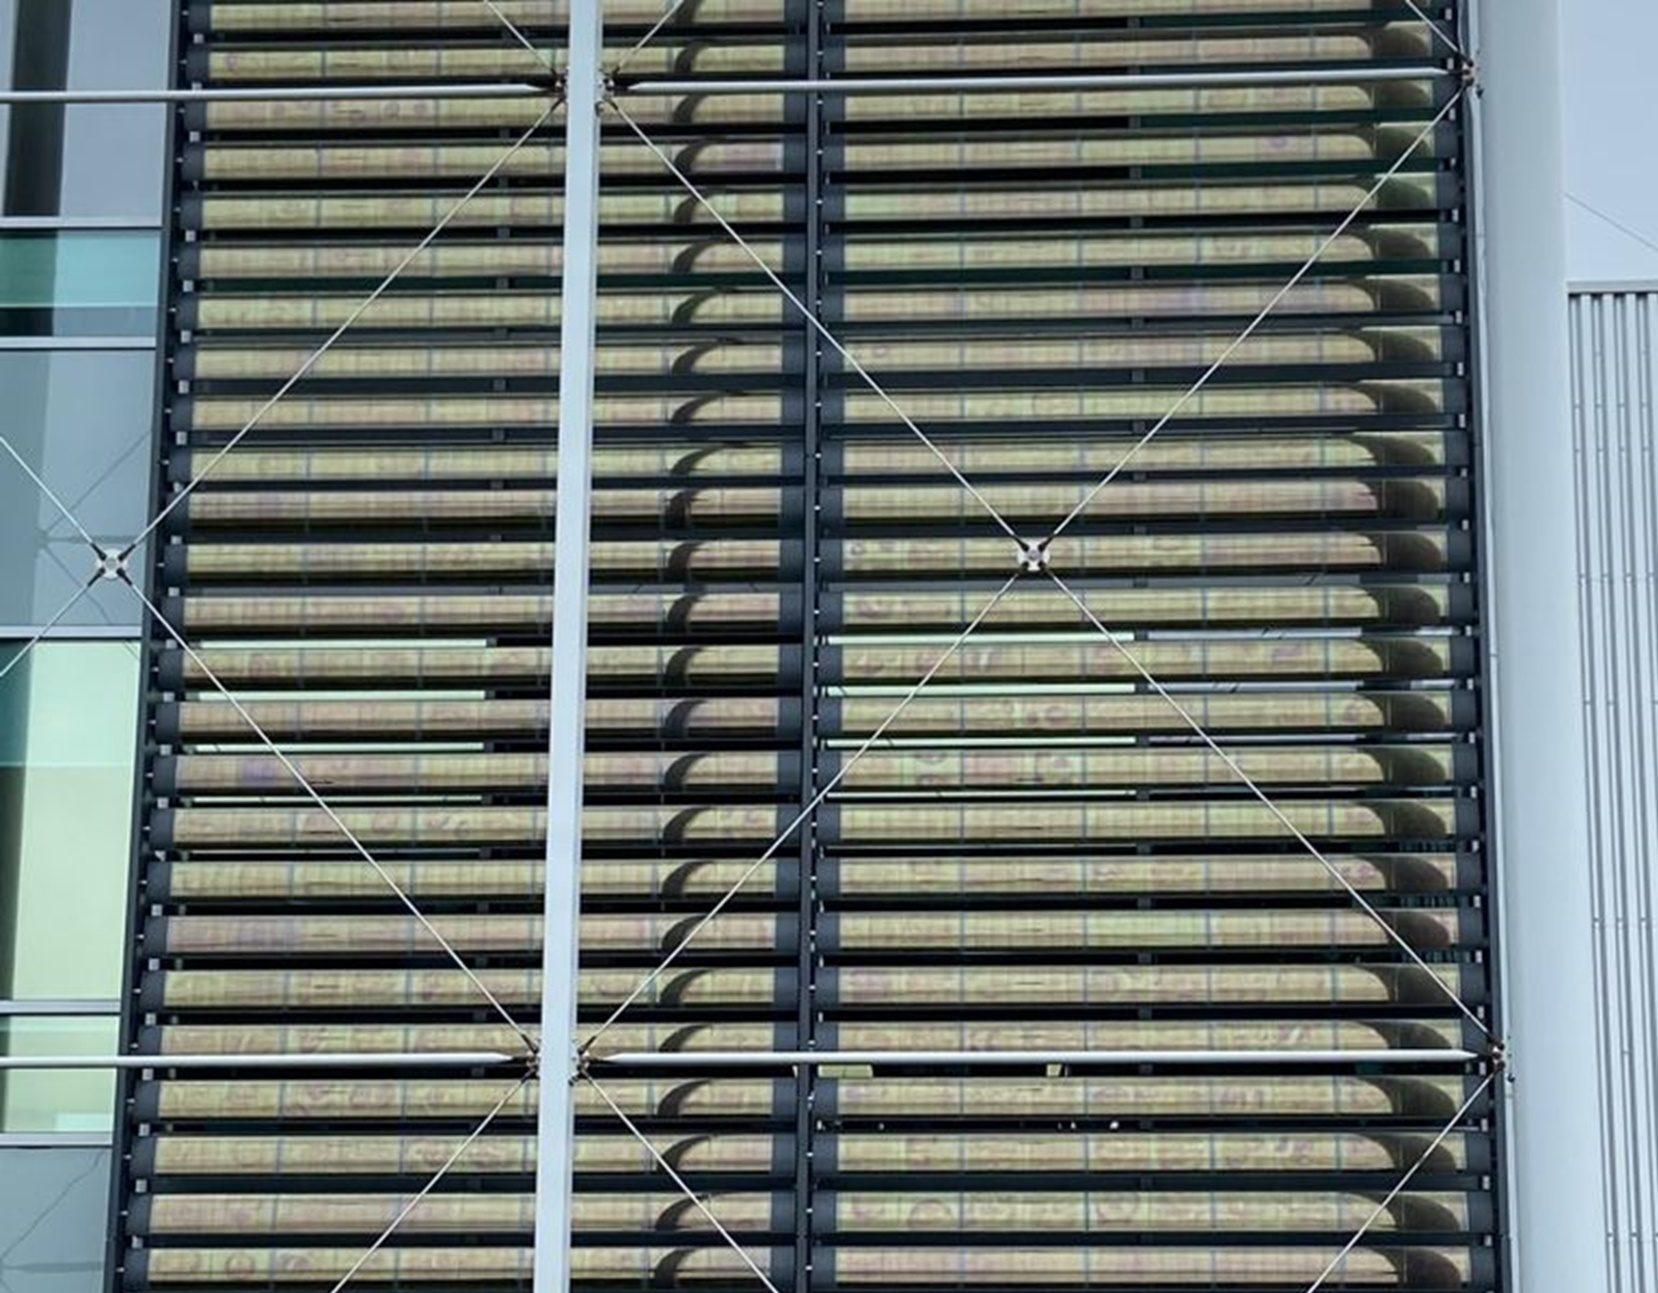 Frangisole fotovoltaico in perovskite